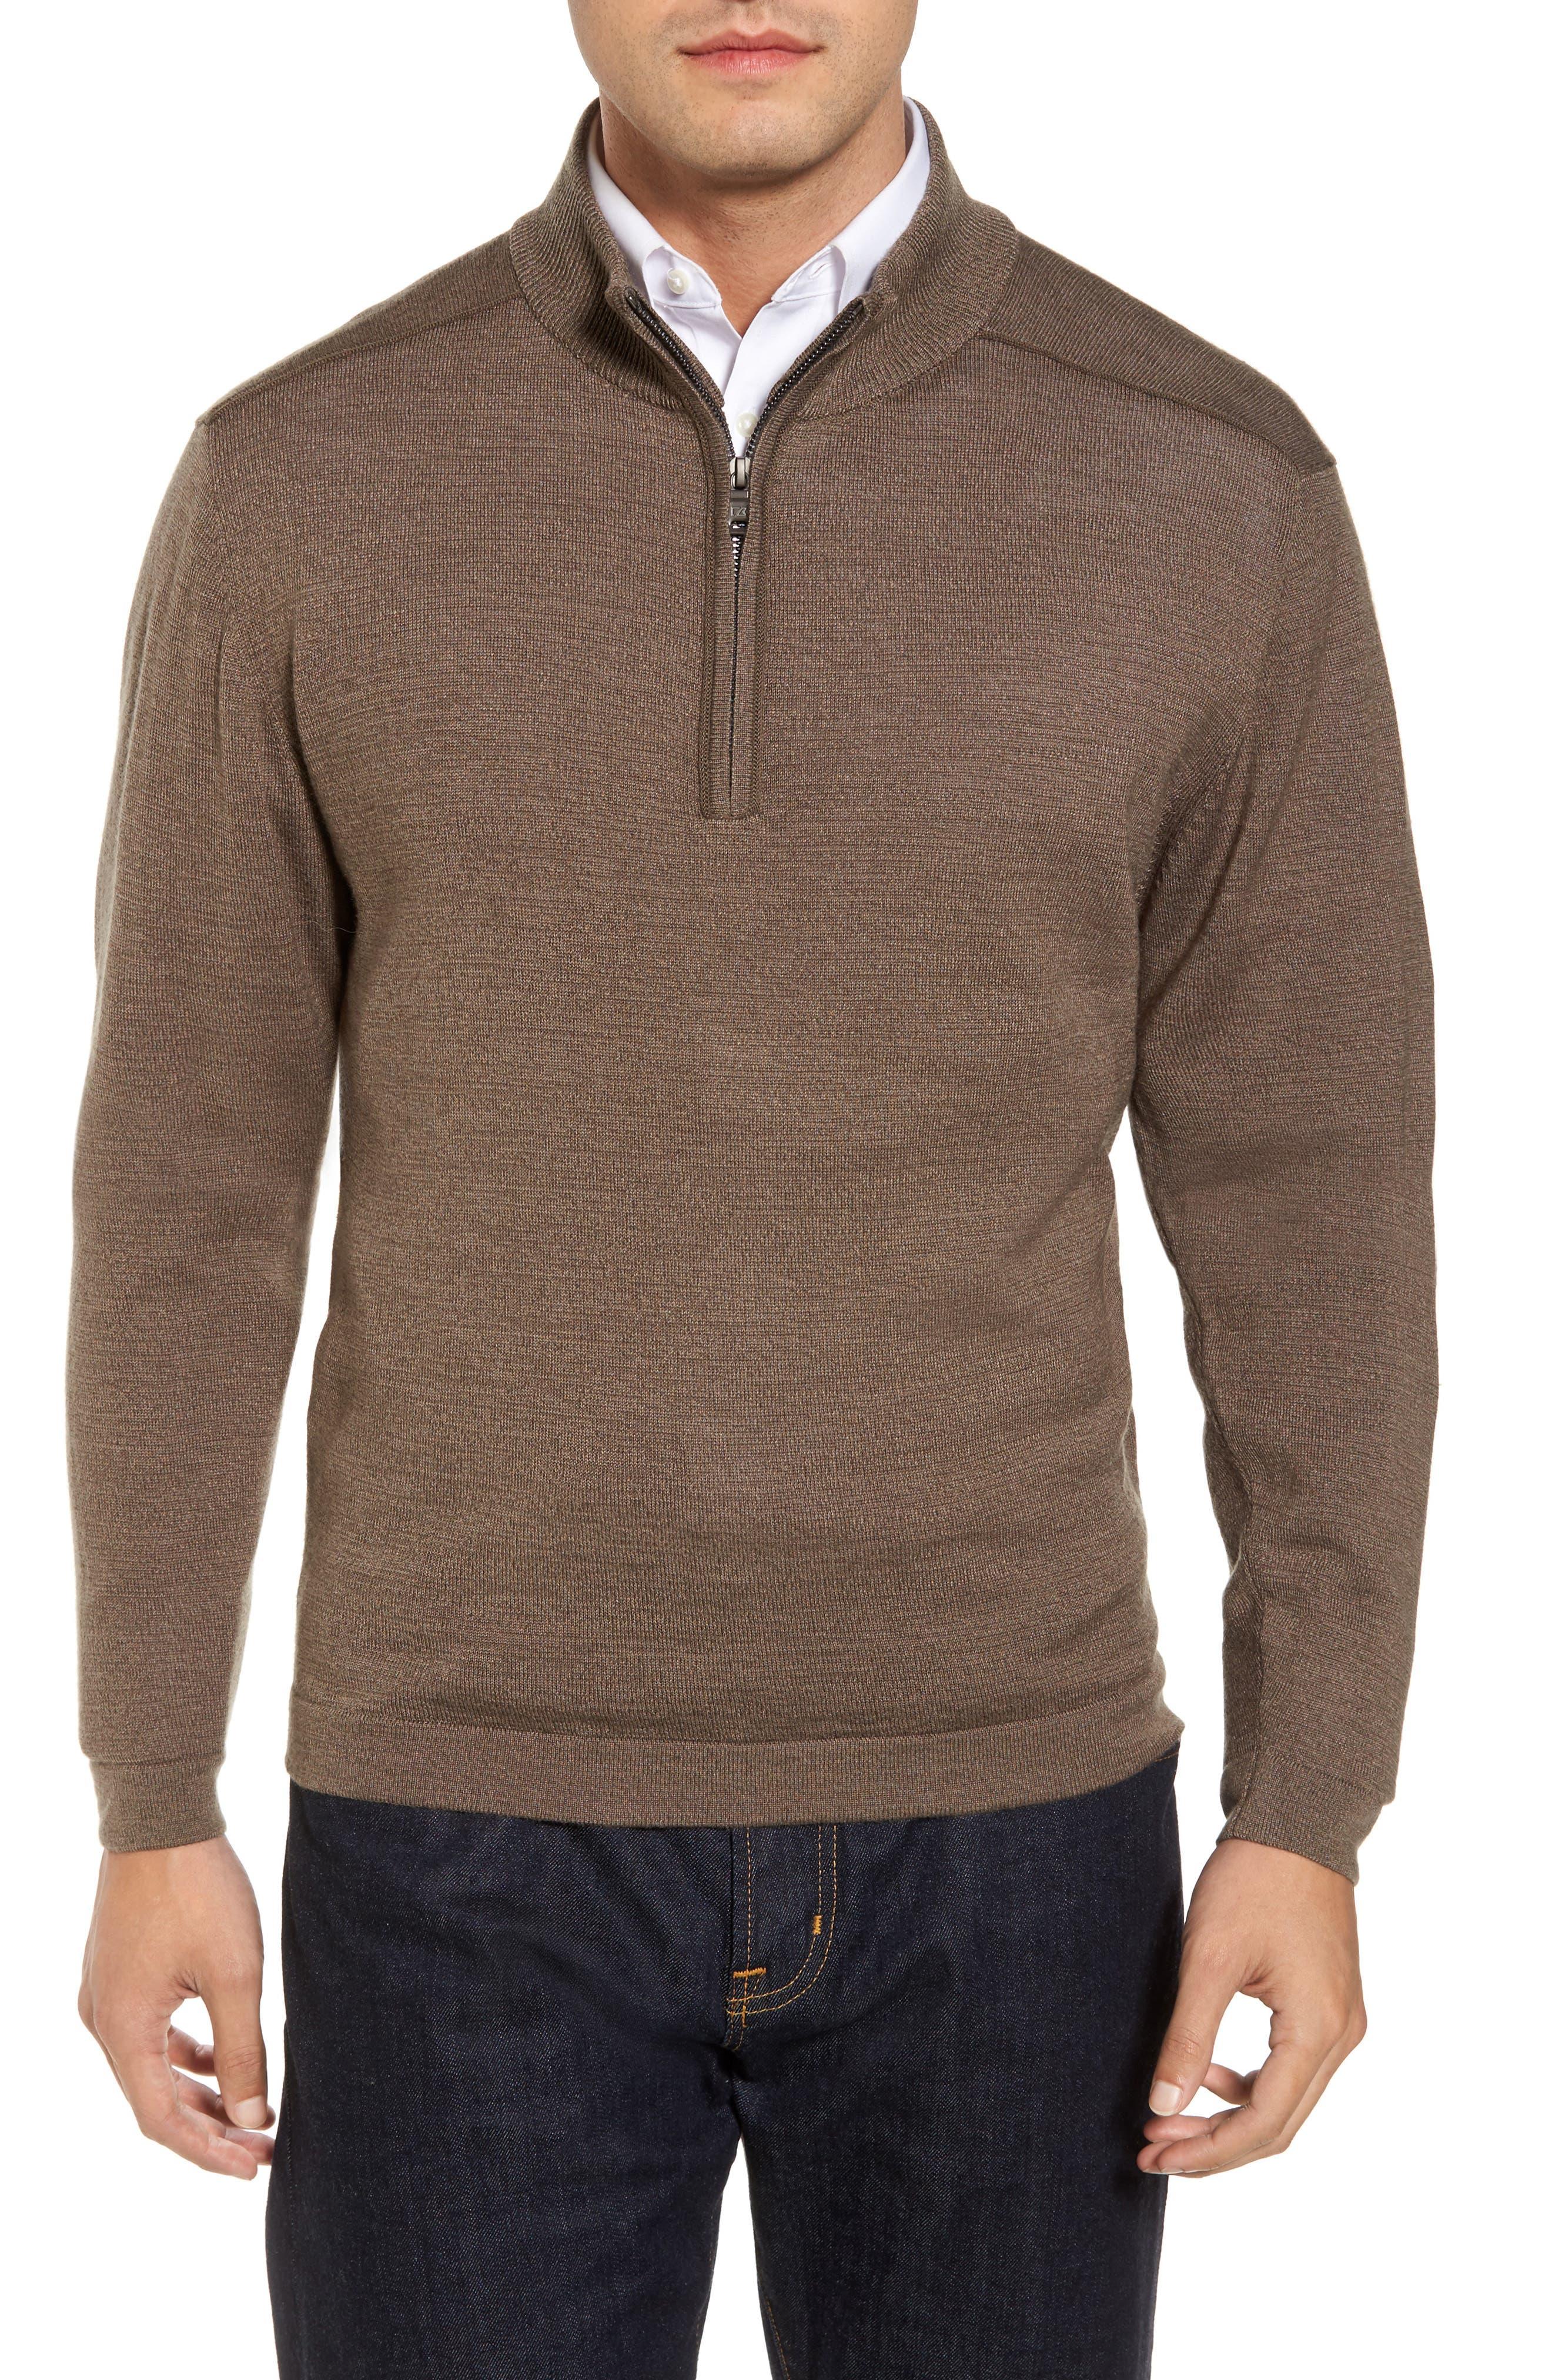 Main Image - Cutter & Buck Henry Quarter-Zip Pullover Sweater